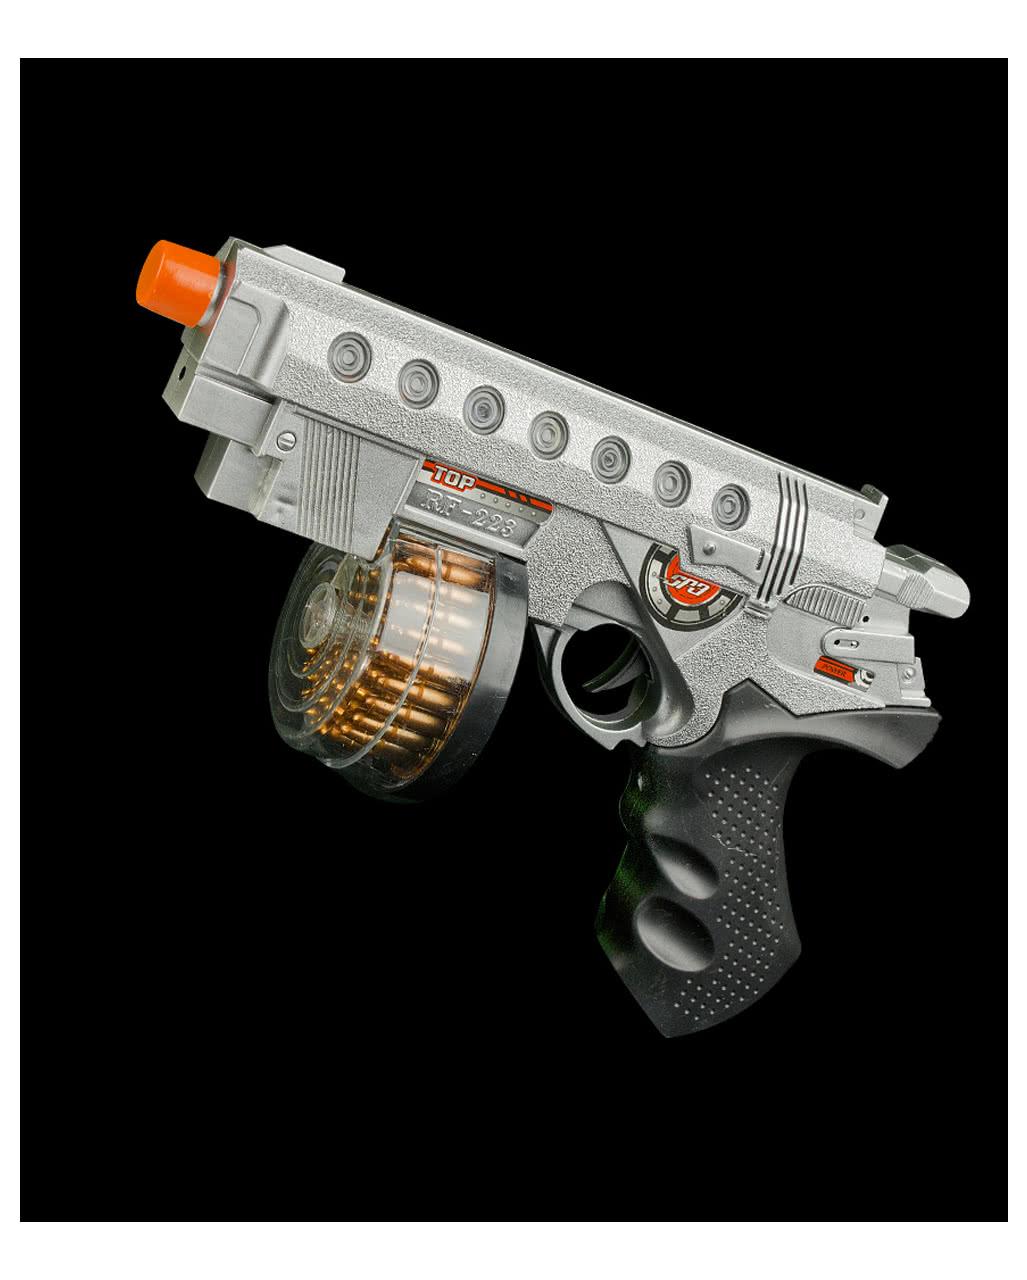 LED Laser Phaser hand gun 21cm